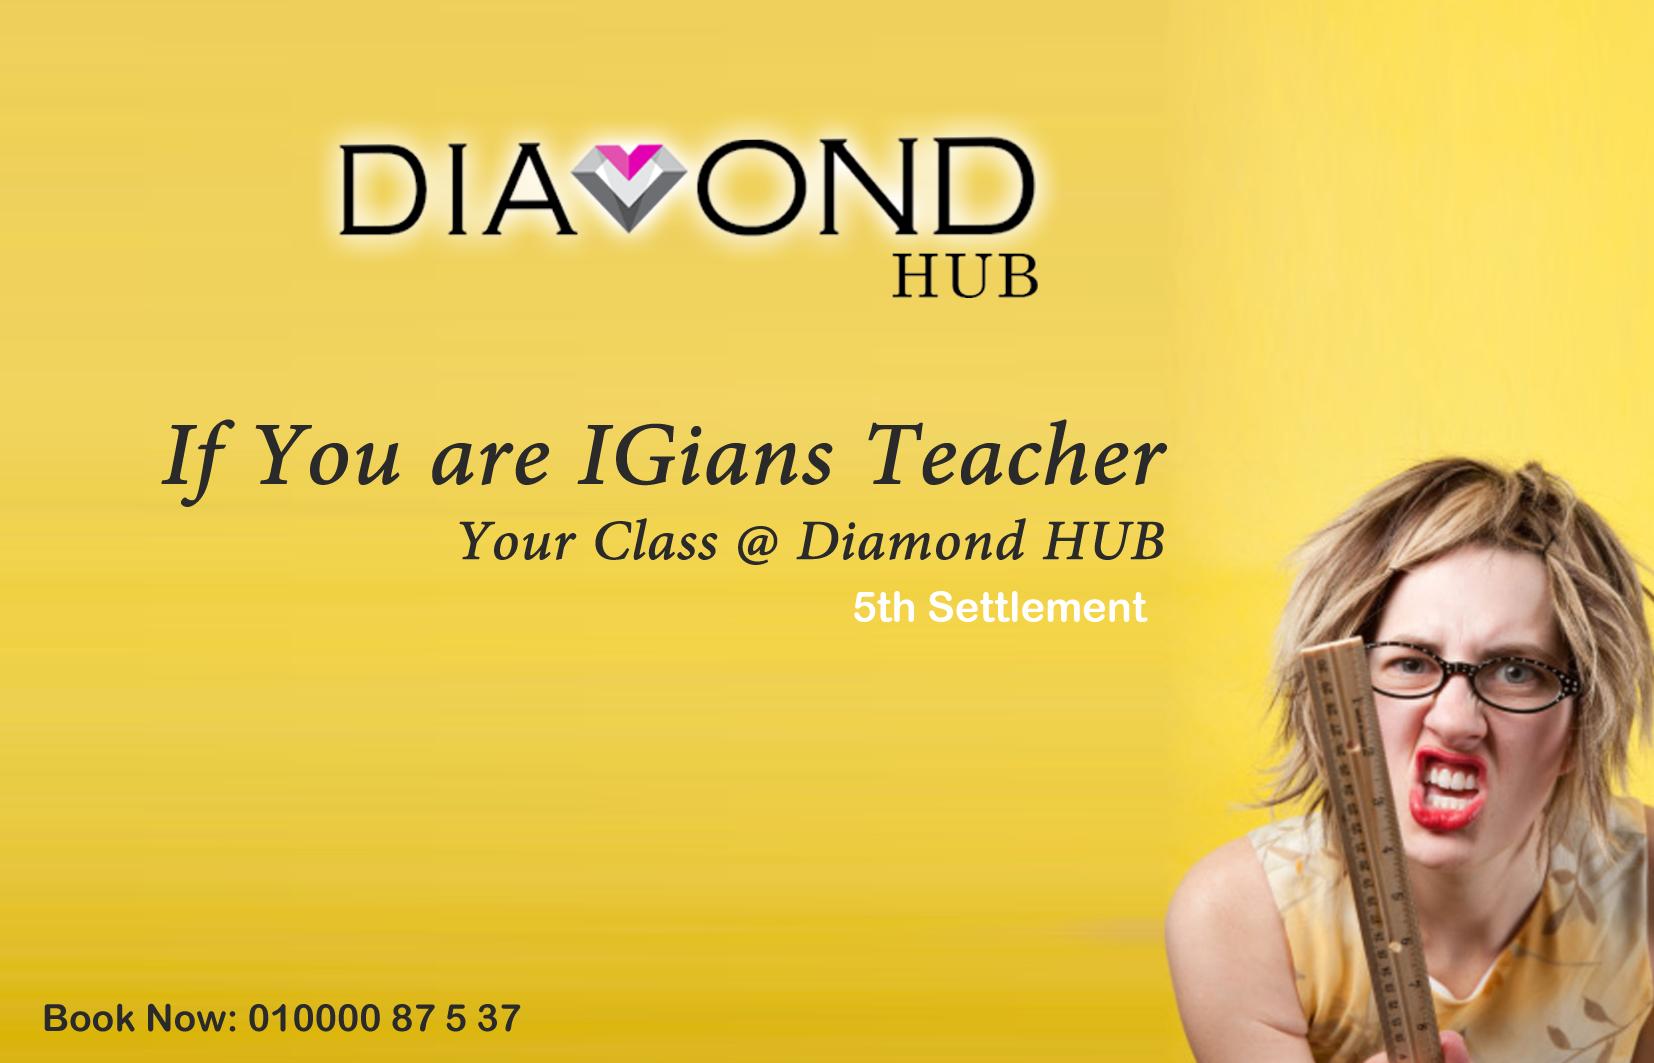 Diamond HUB, Cairo